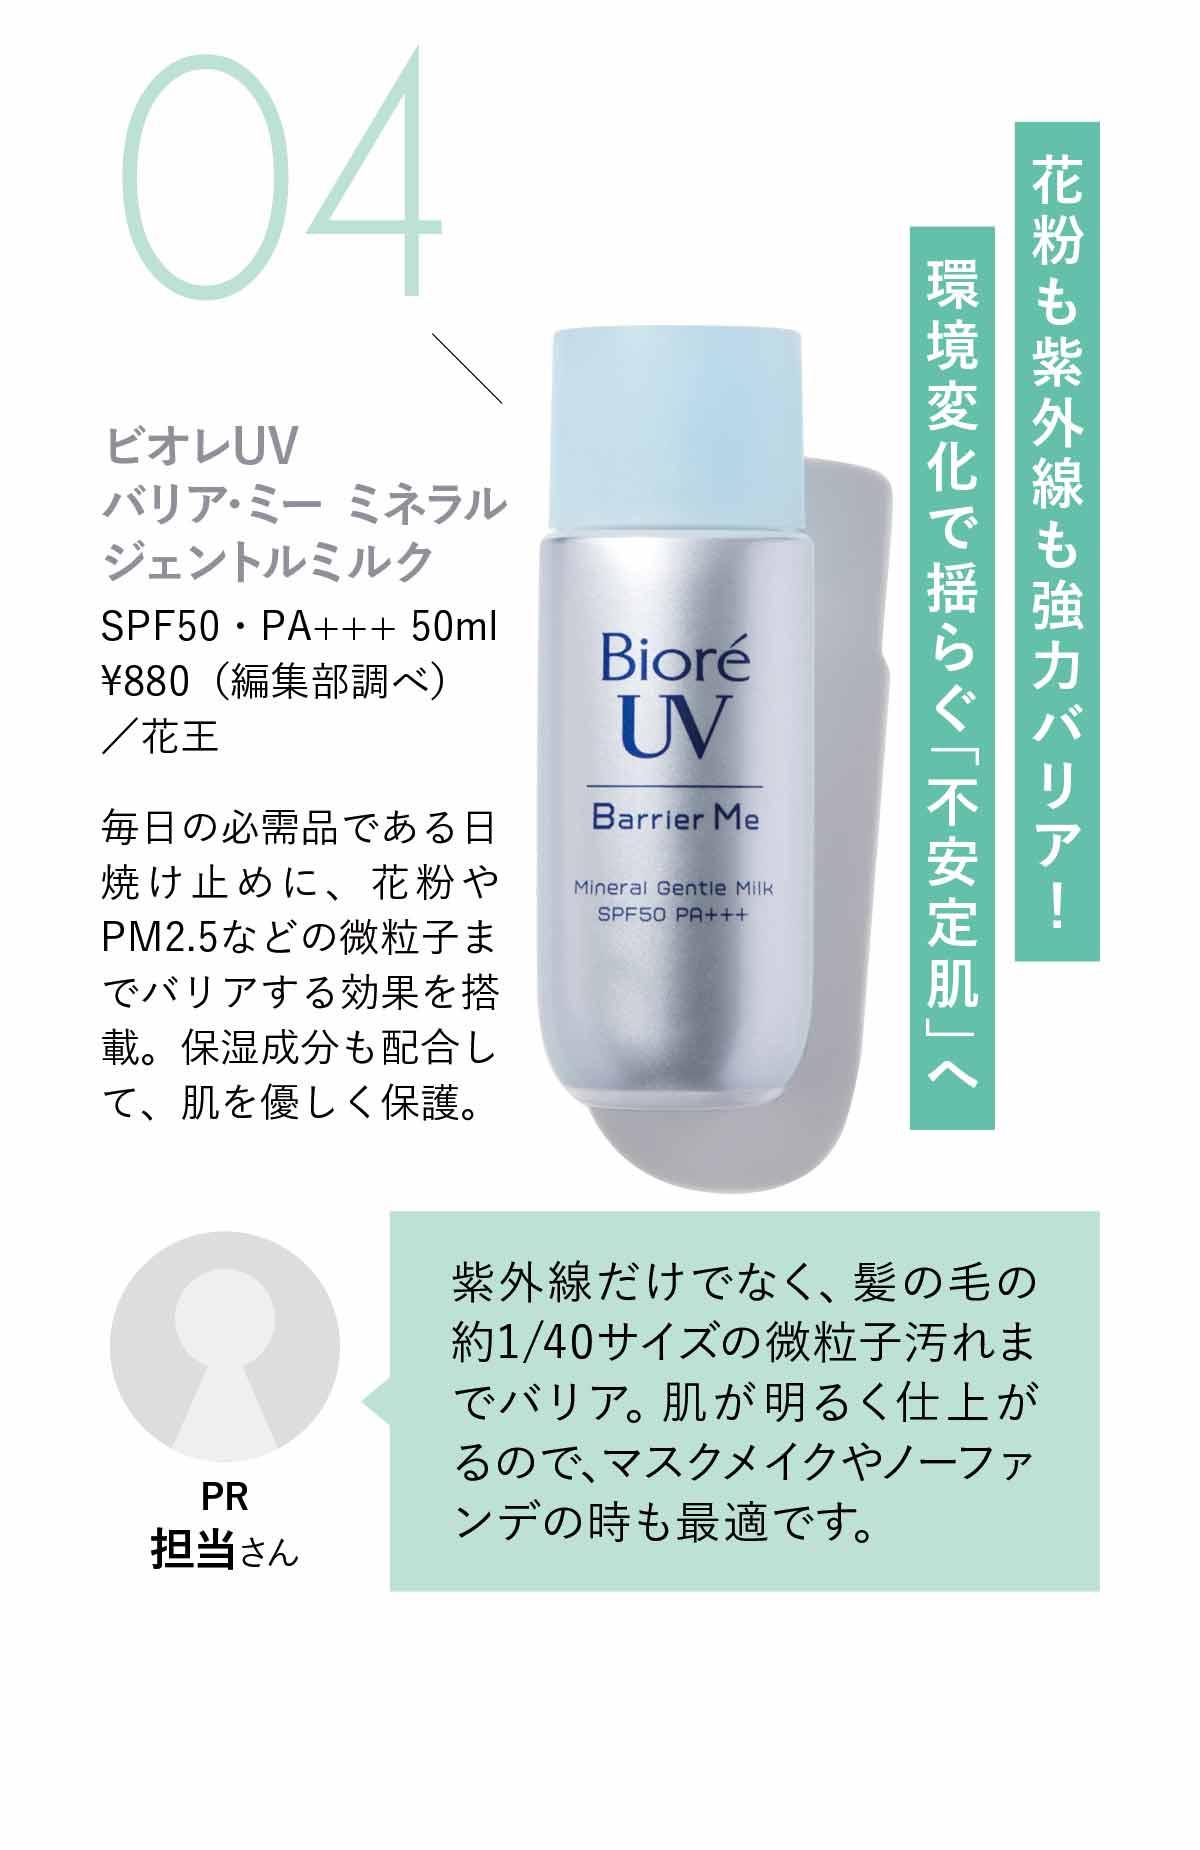 ビオレUV バリア・ミー ミネラルジェントルミルク PPF50・PA+++